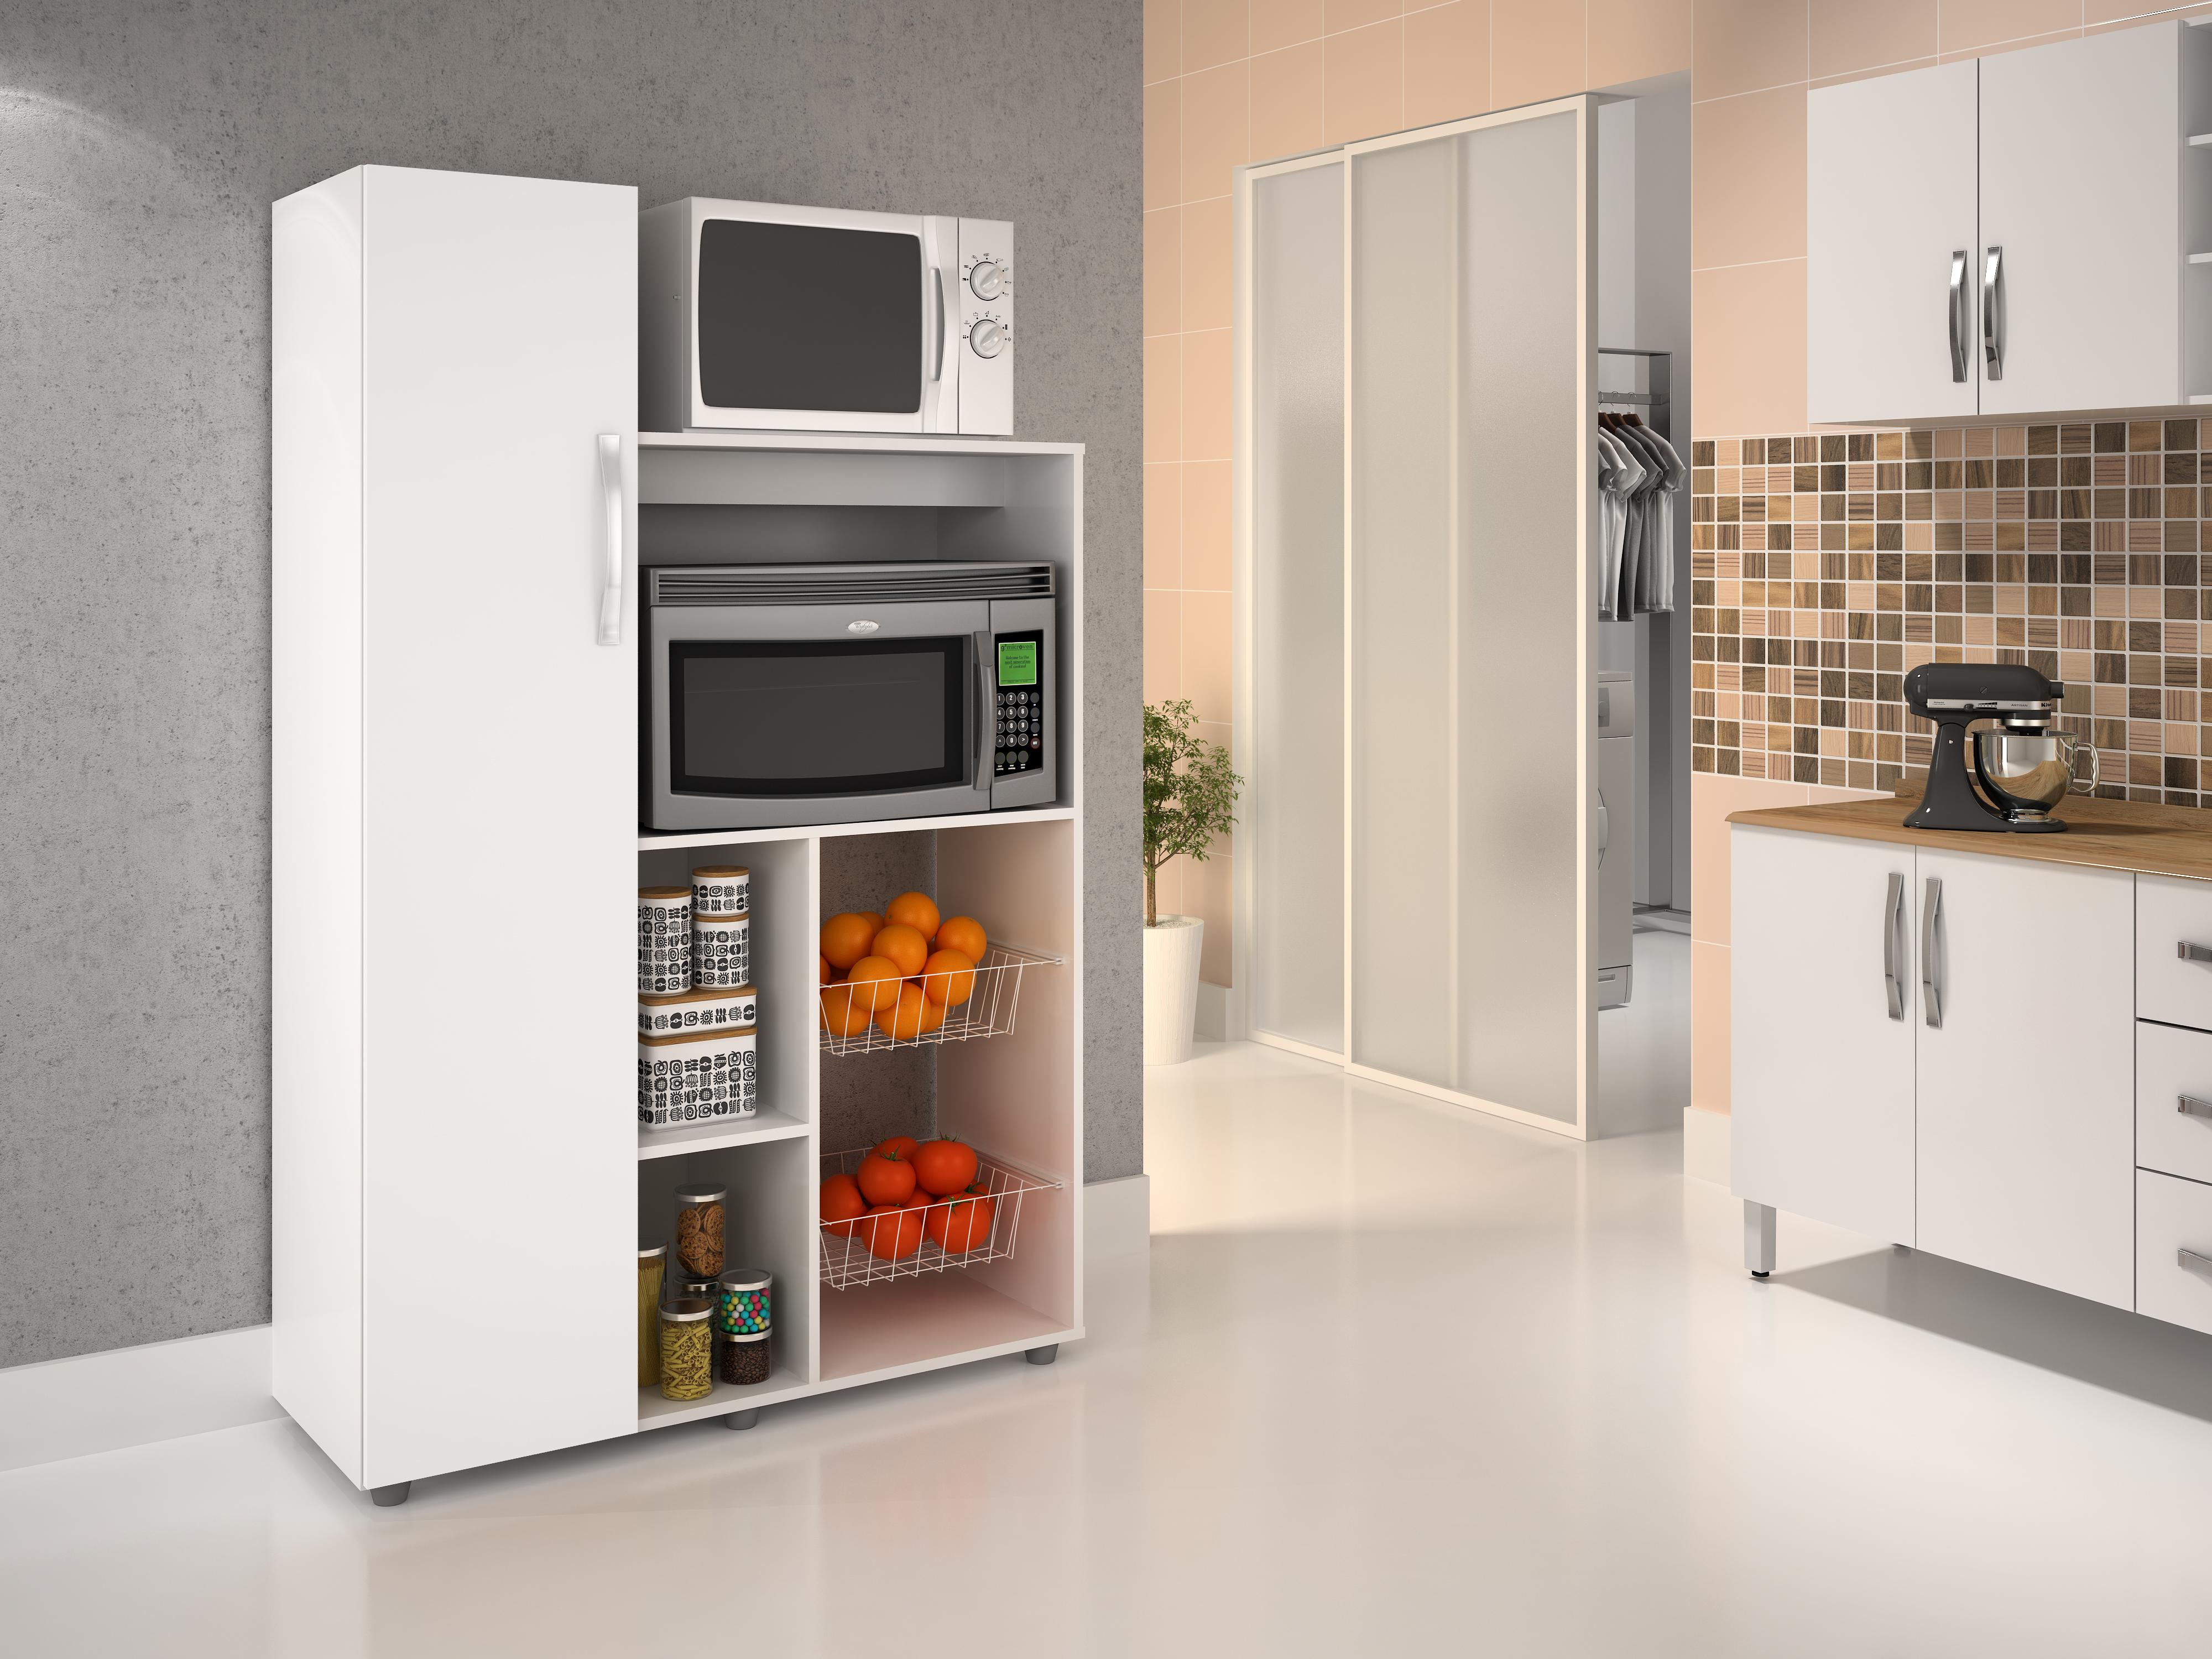 Fruteira com nicho para microondas e nicho para forno - Branco